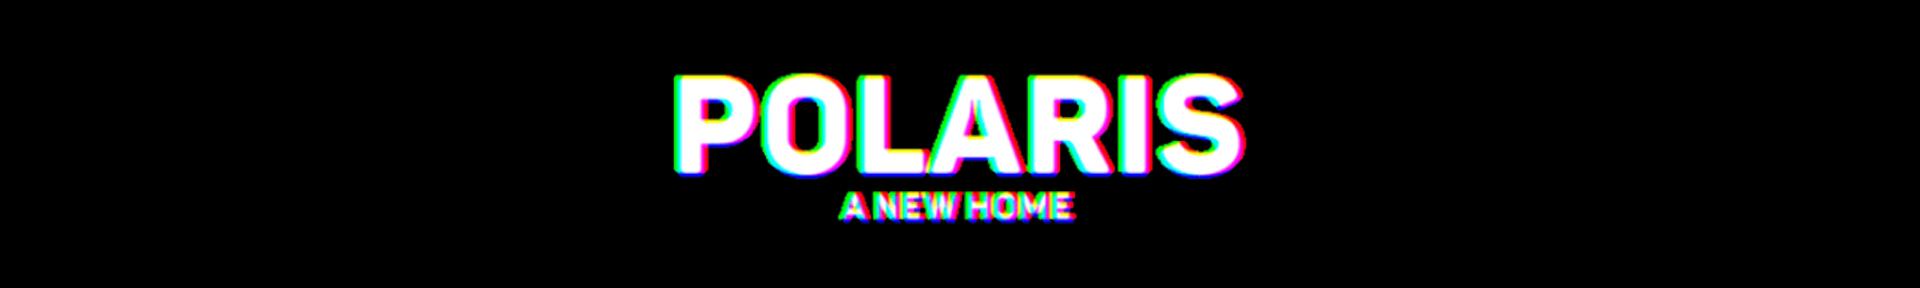 Polaris: A new home